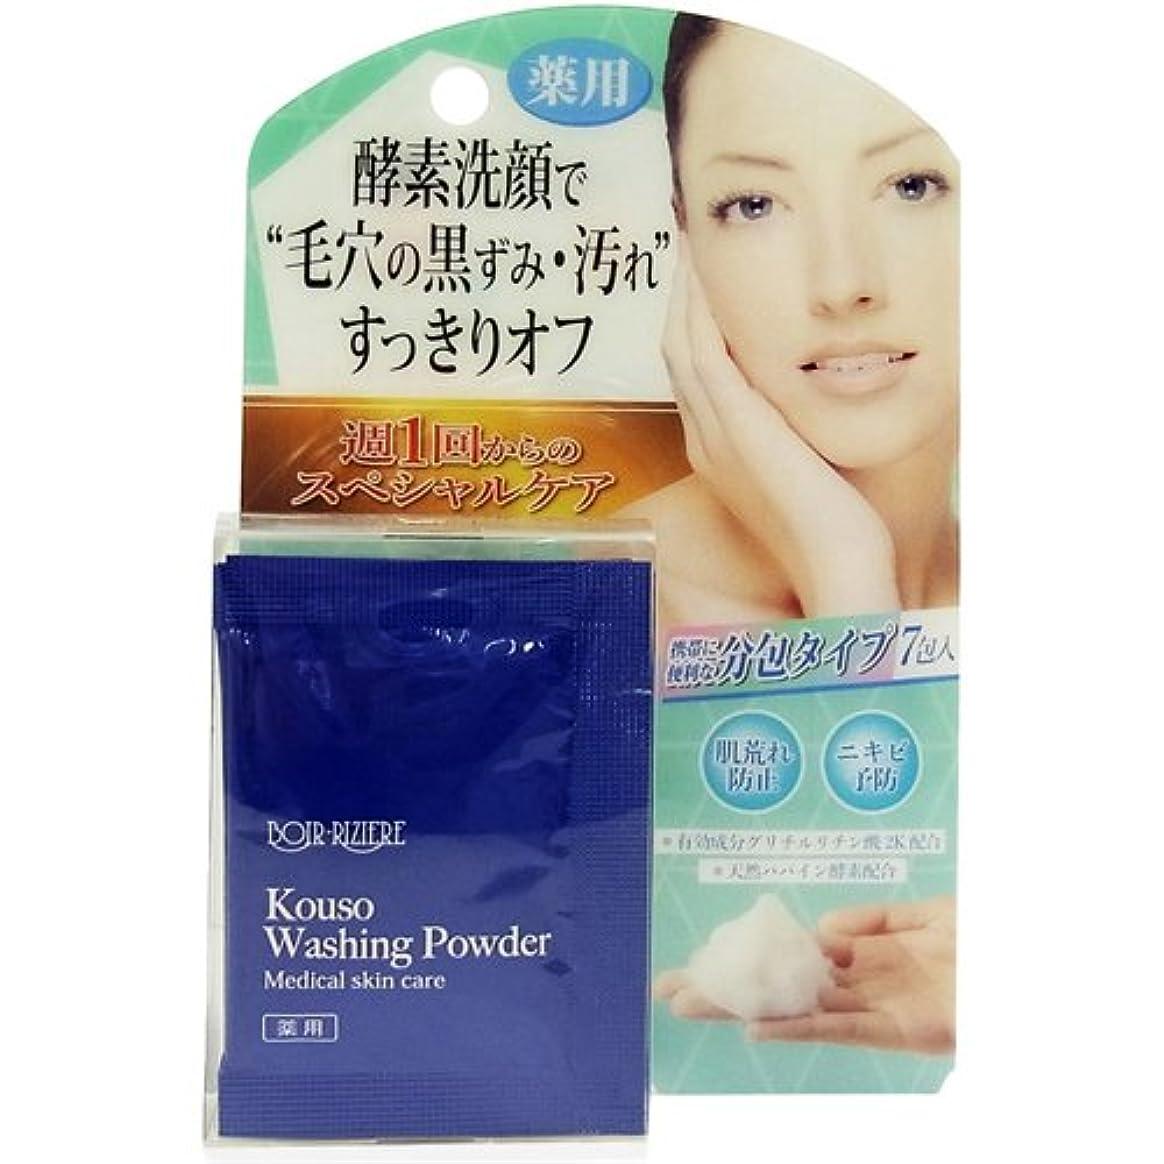 予防接種する付録ペレグリネーションボア?リジェール 薬用酵素洗顔パウダー (1.5g×7包)